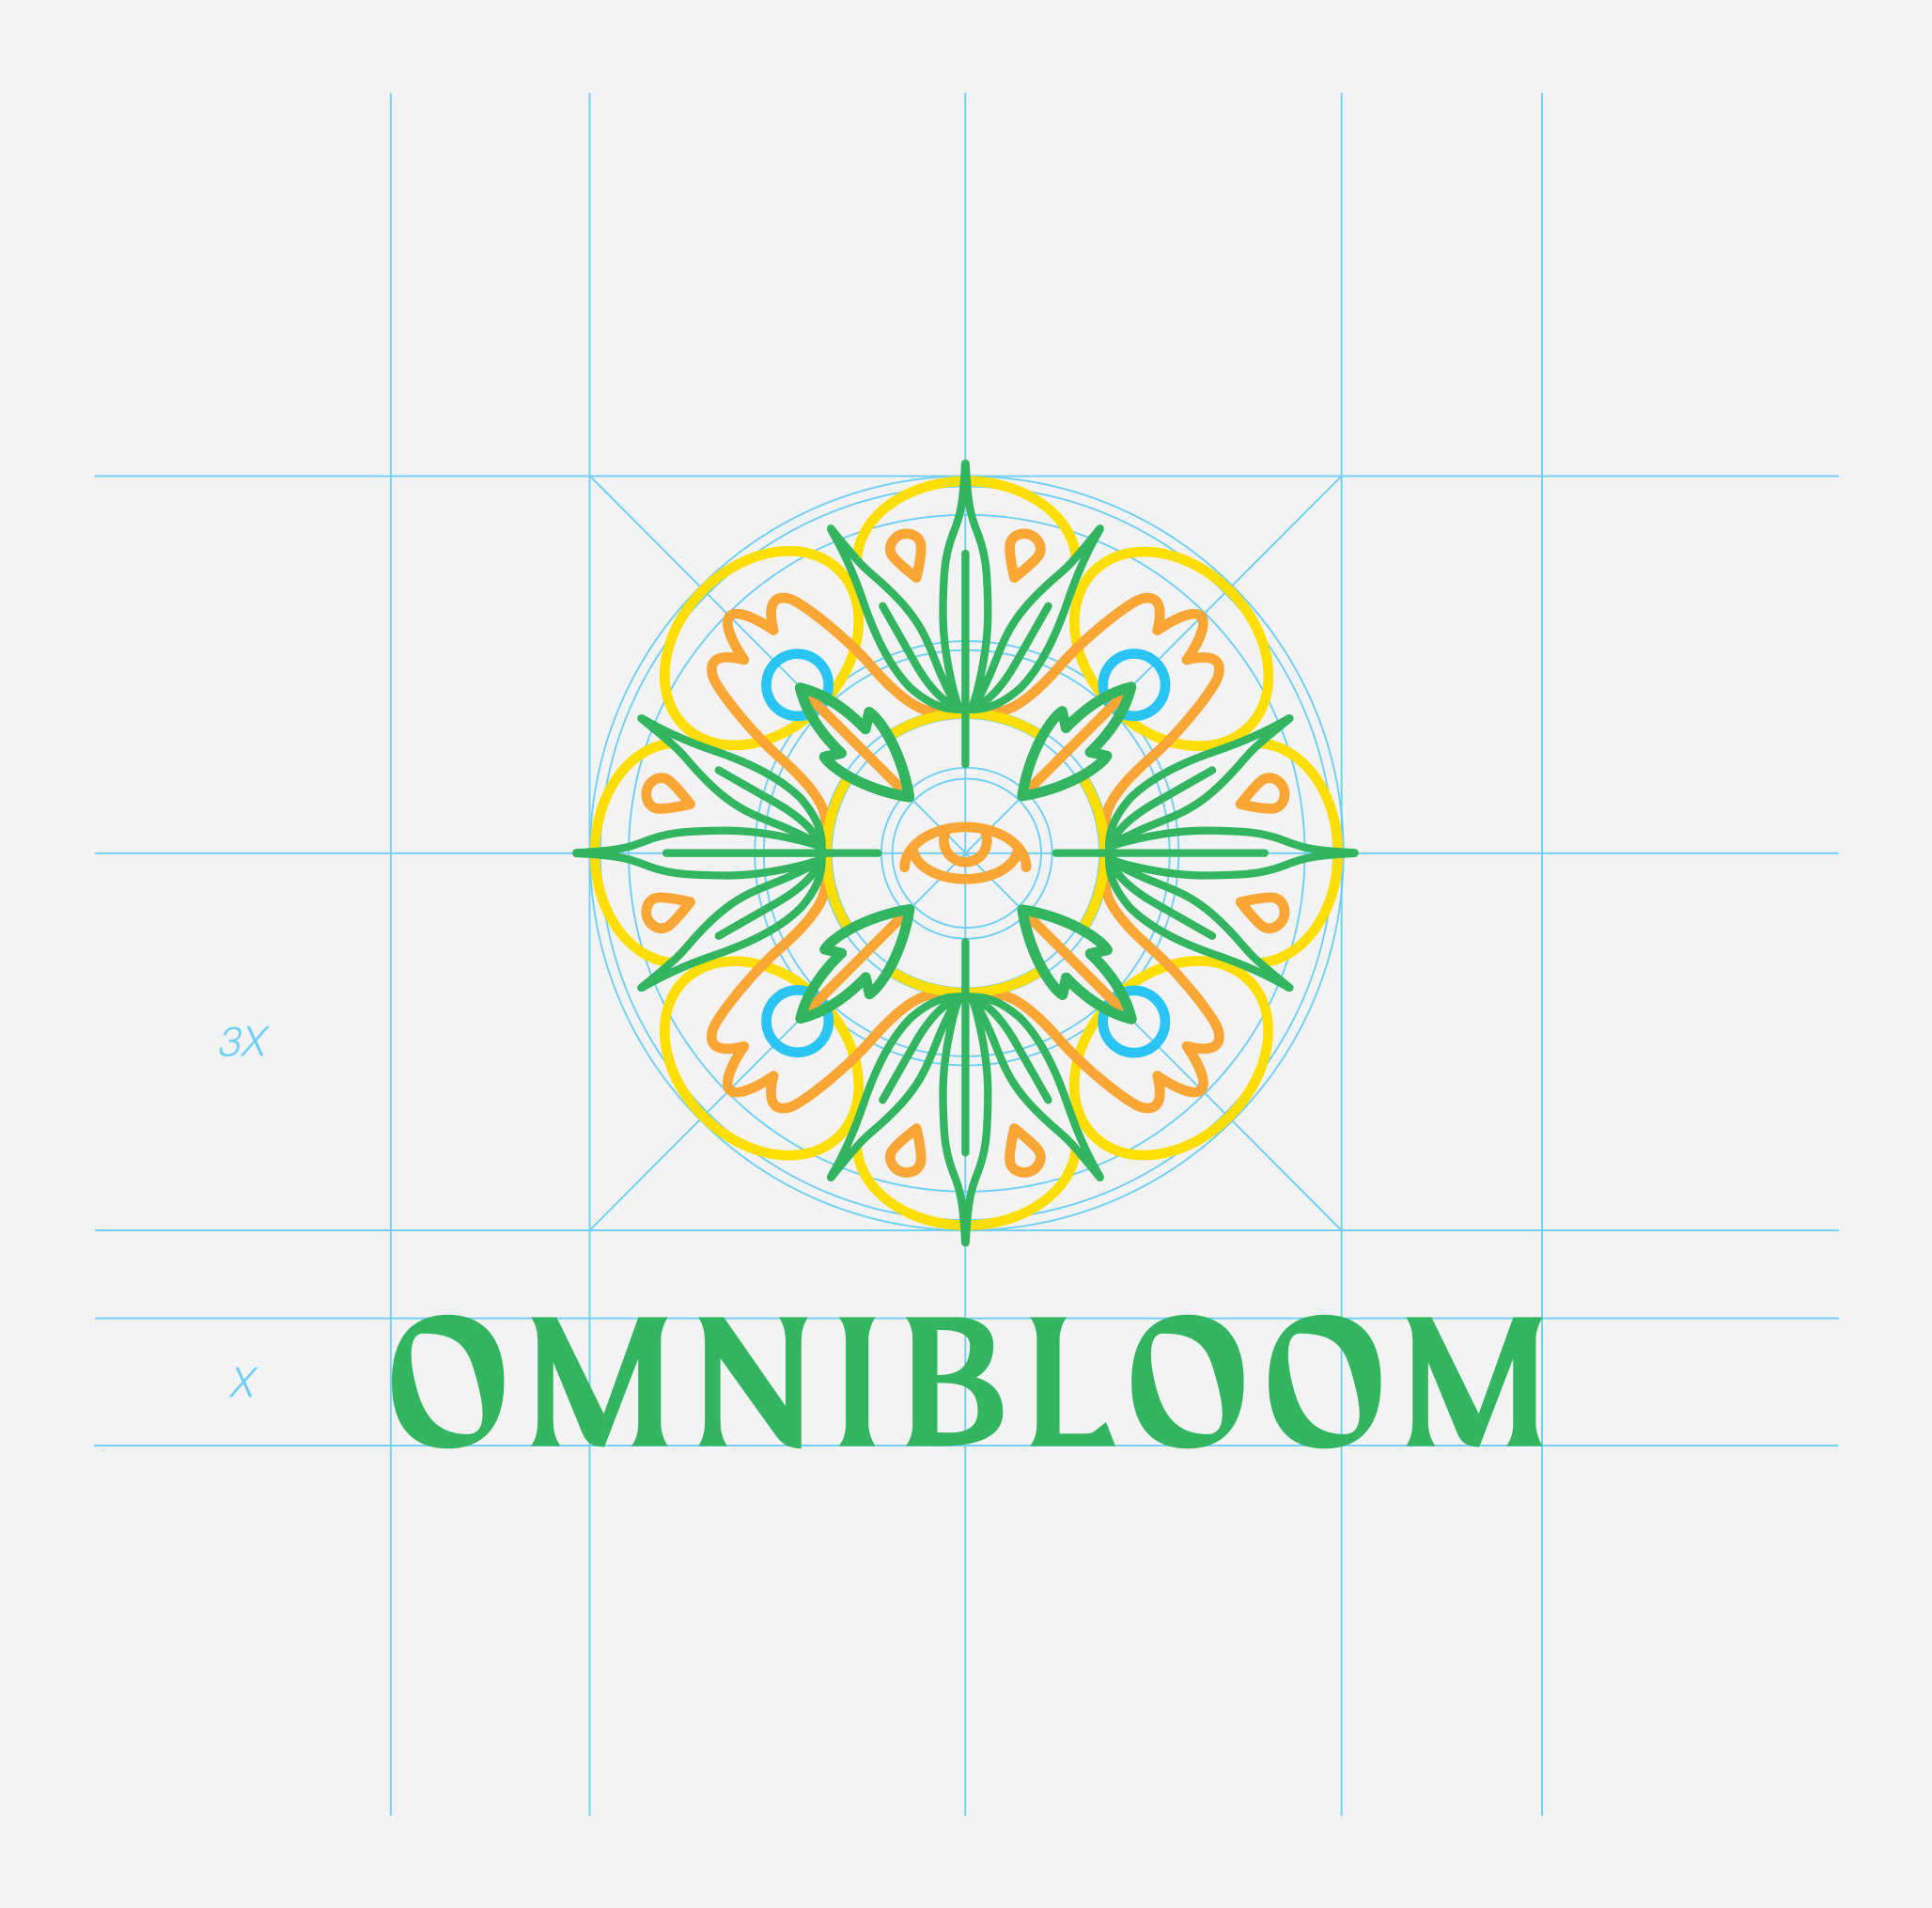 Omnibloom-004.jpg